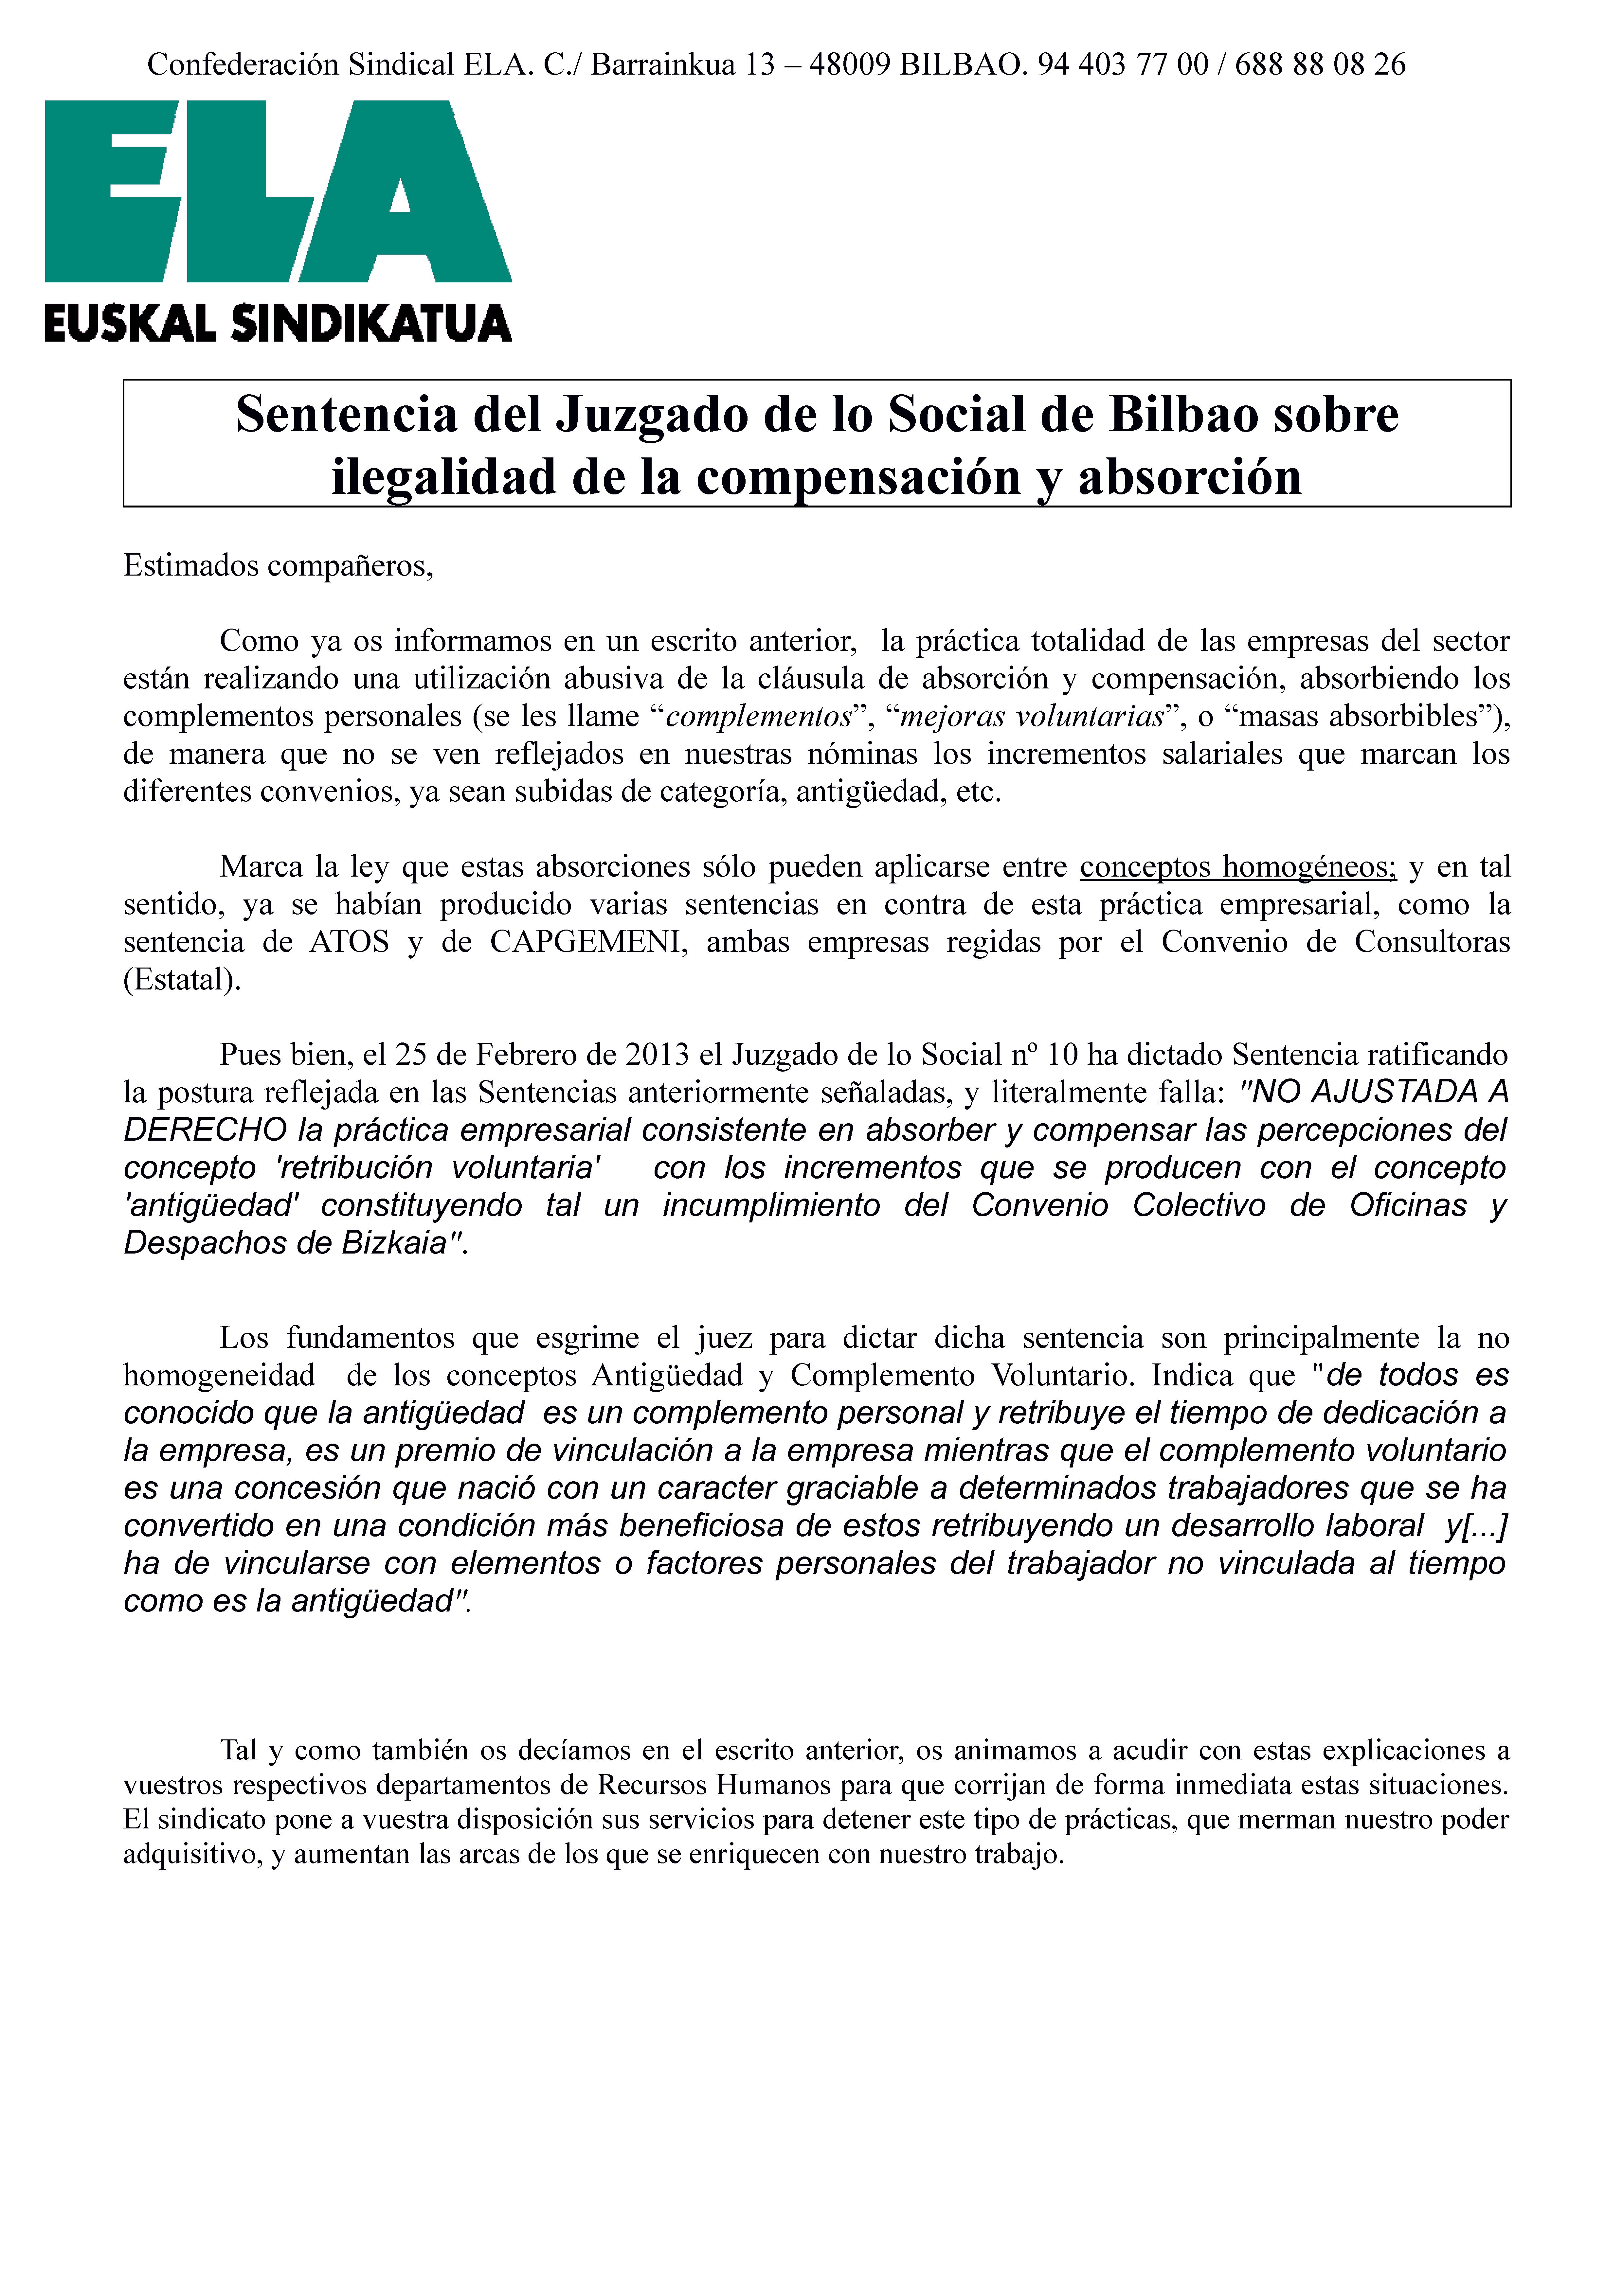 Comunicado ela 11 03 2013 sentencia contra absorci n y for Convenio colectivo oficinas y despachos pontevedra